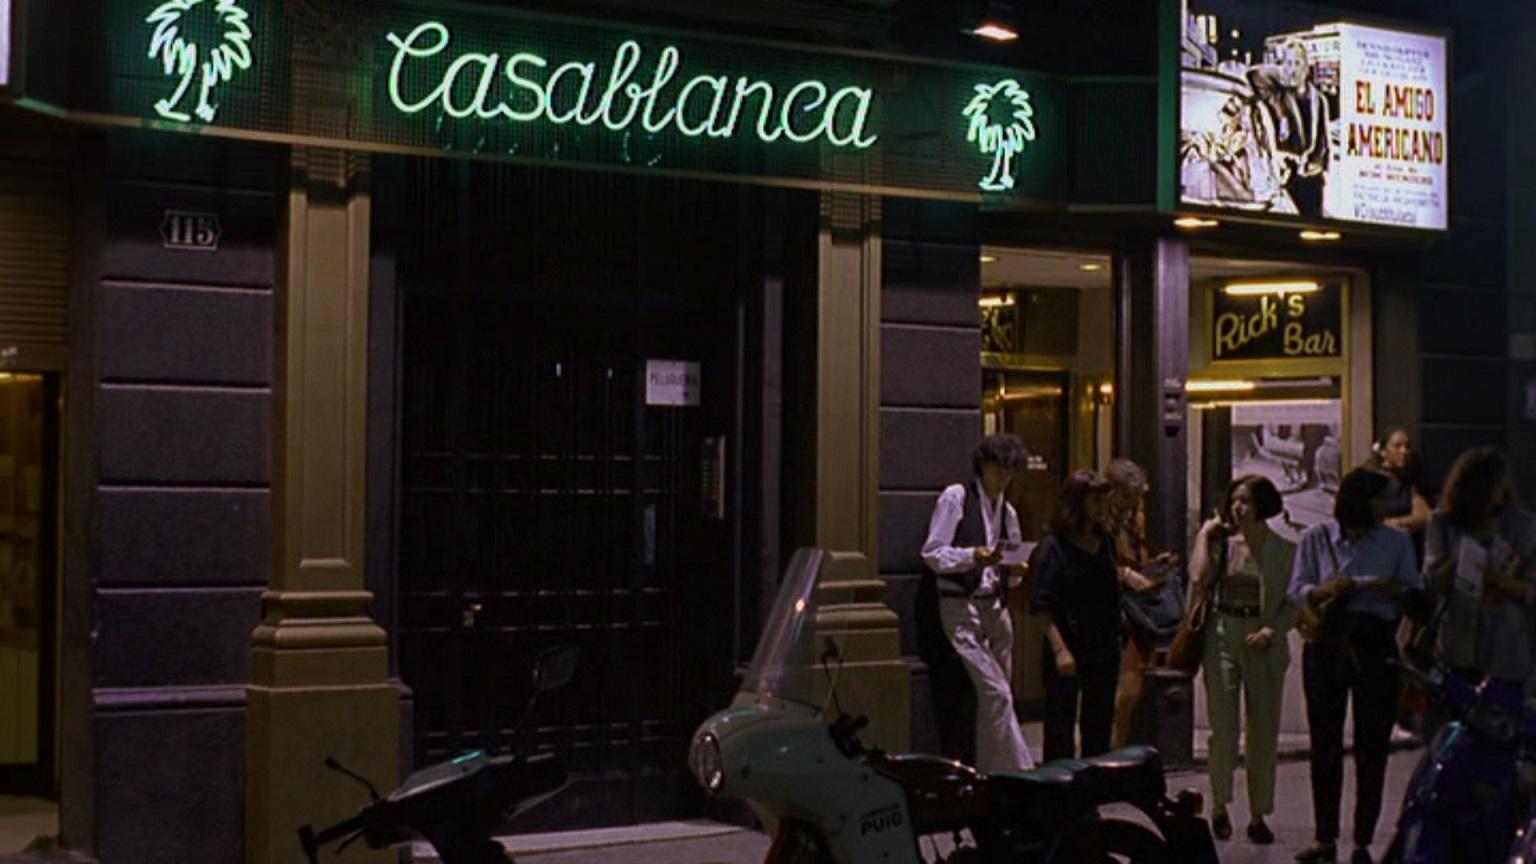 Barcelona film still